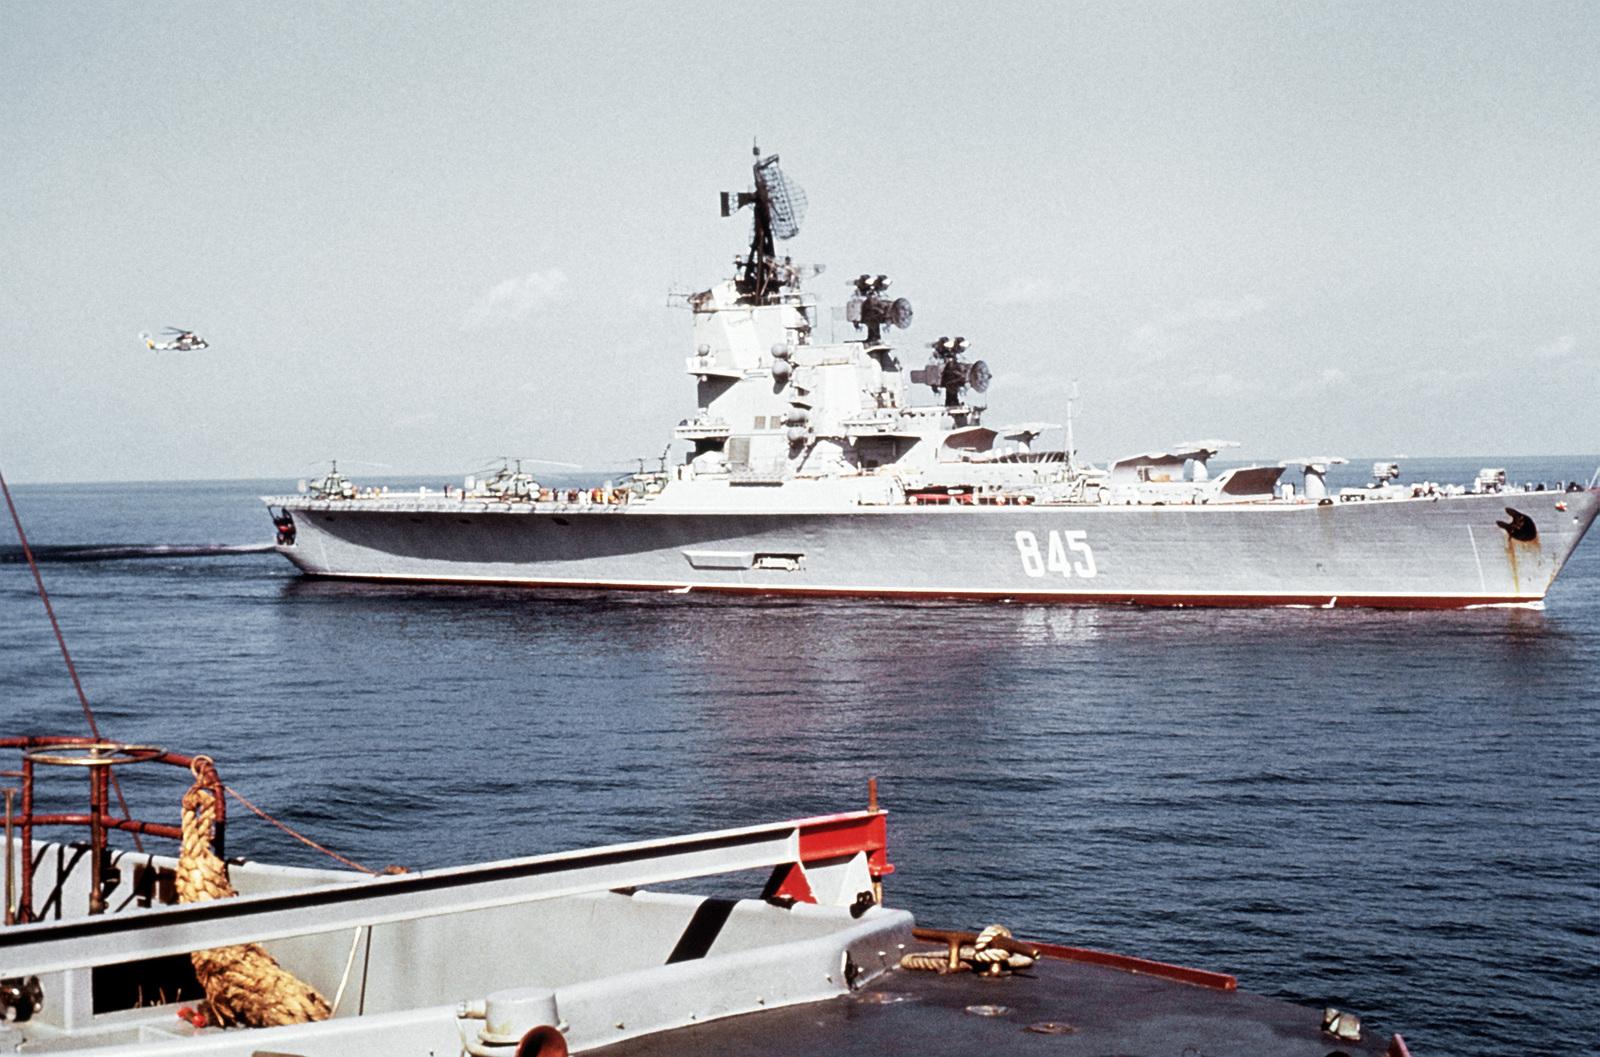 любят селиться фото крейсера москва вертолетоносца школе участвовала